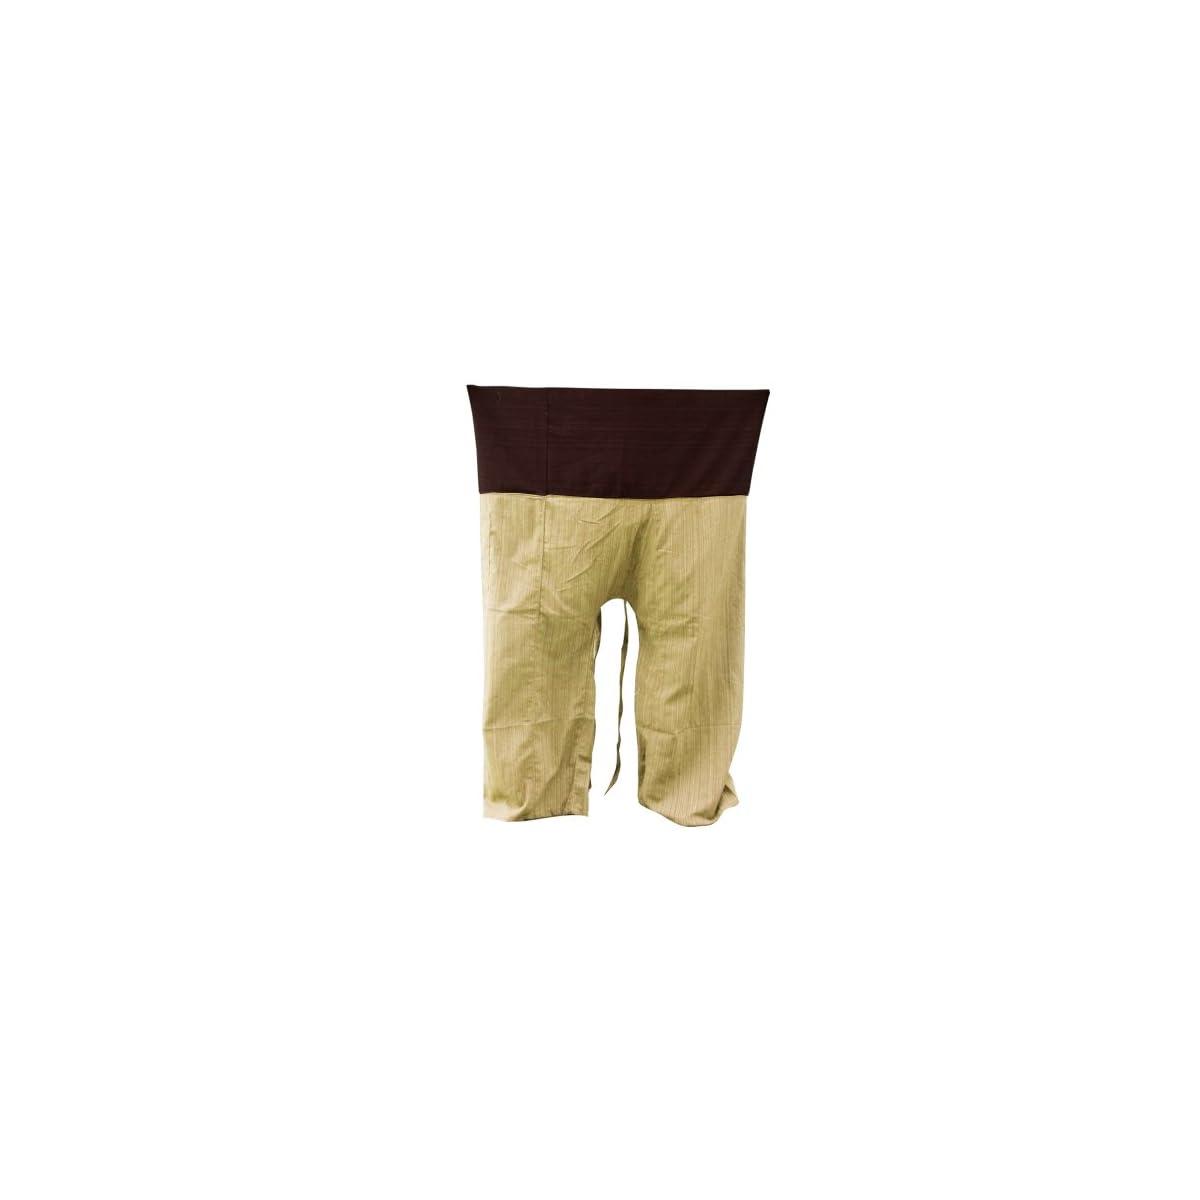 a235bc681097b 2 TONE Thai Fisherman Pants Yoga Trousers FREE SIZE Plus Size Cotton ...